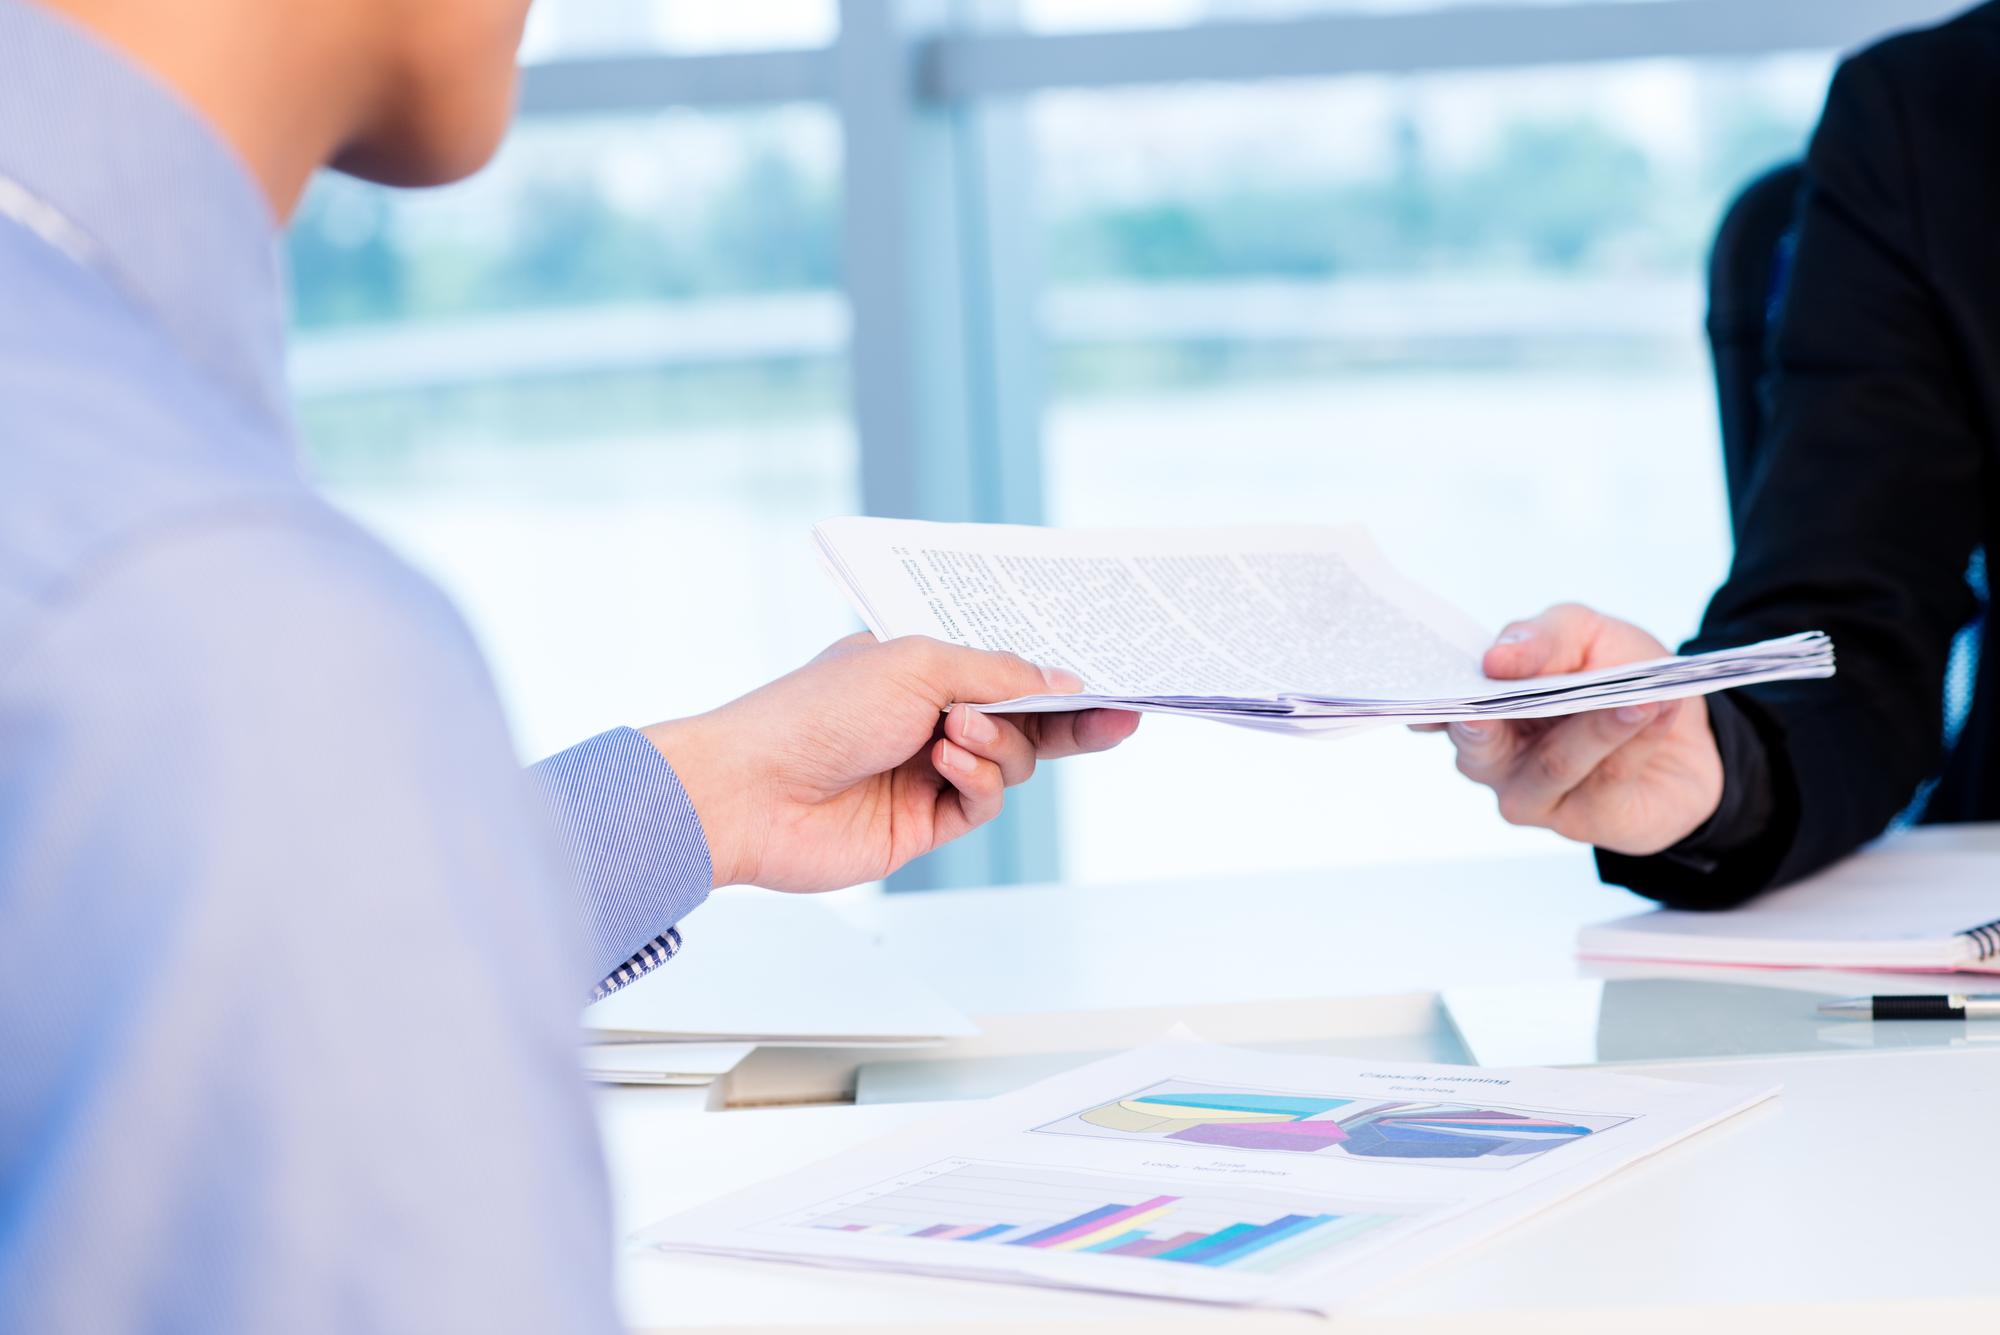 проверить налоги по инн юридического лица на сайте налоговой по инн бесплатно